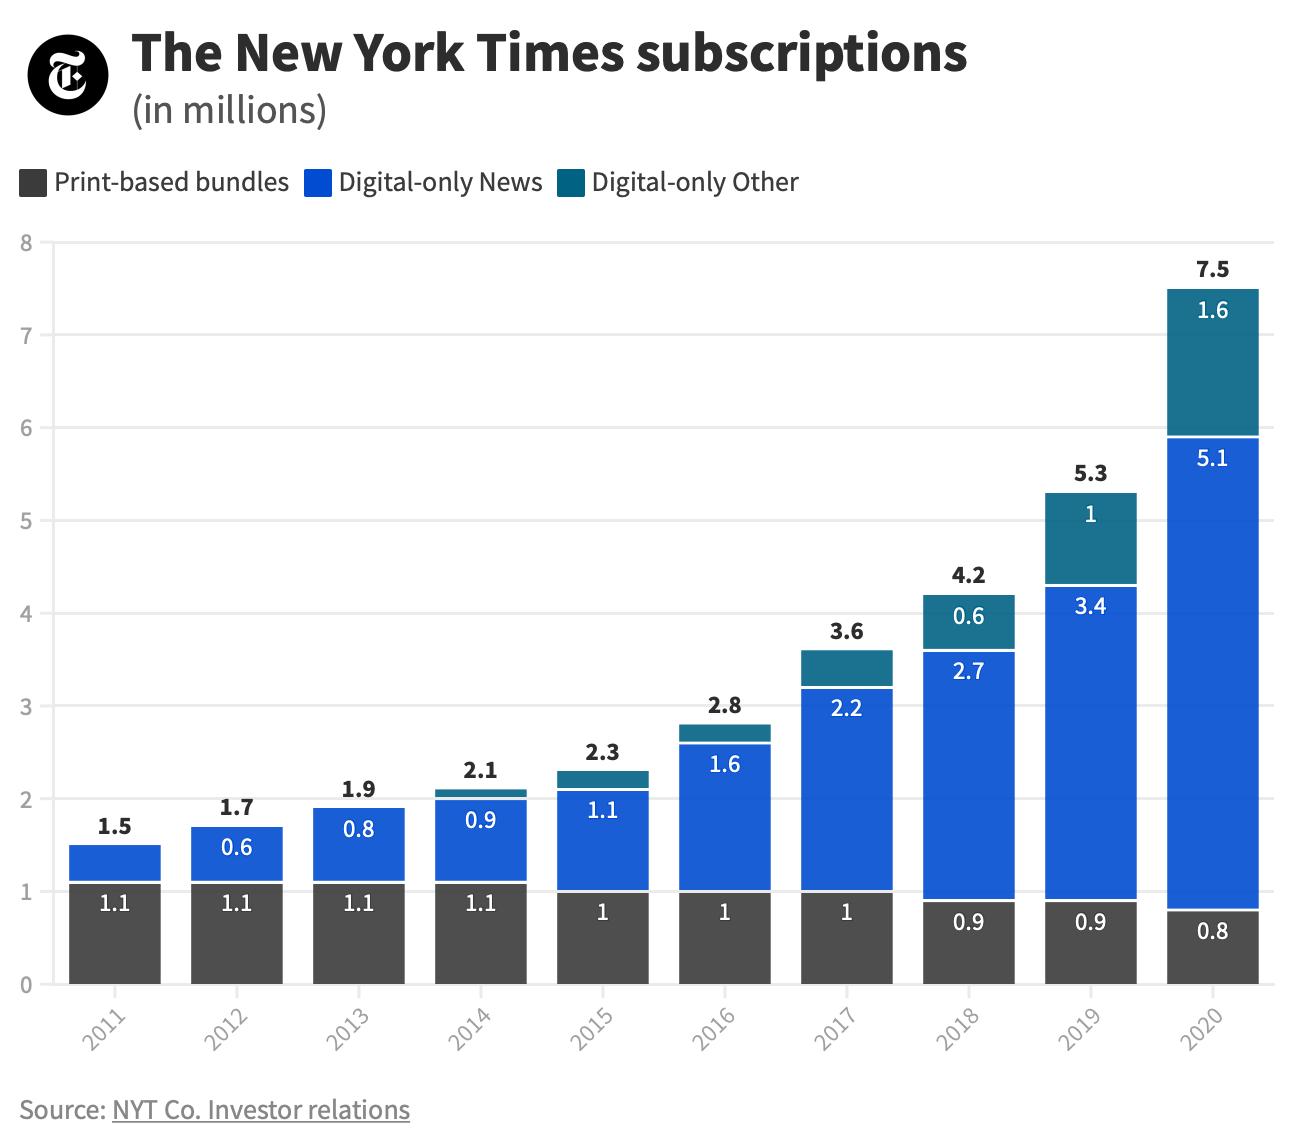 New York Times'ın geçtiğimiz on yıl içerisindeki abone rakamlarını gösteren bir grafik.